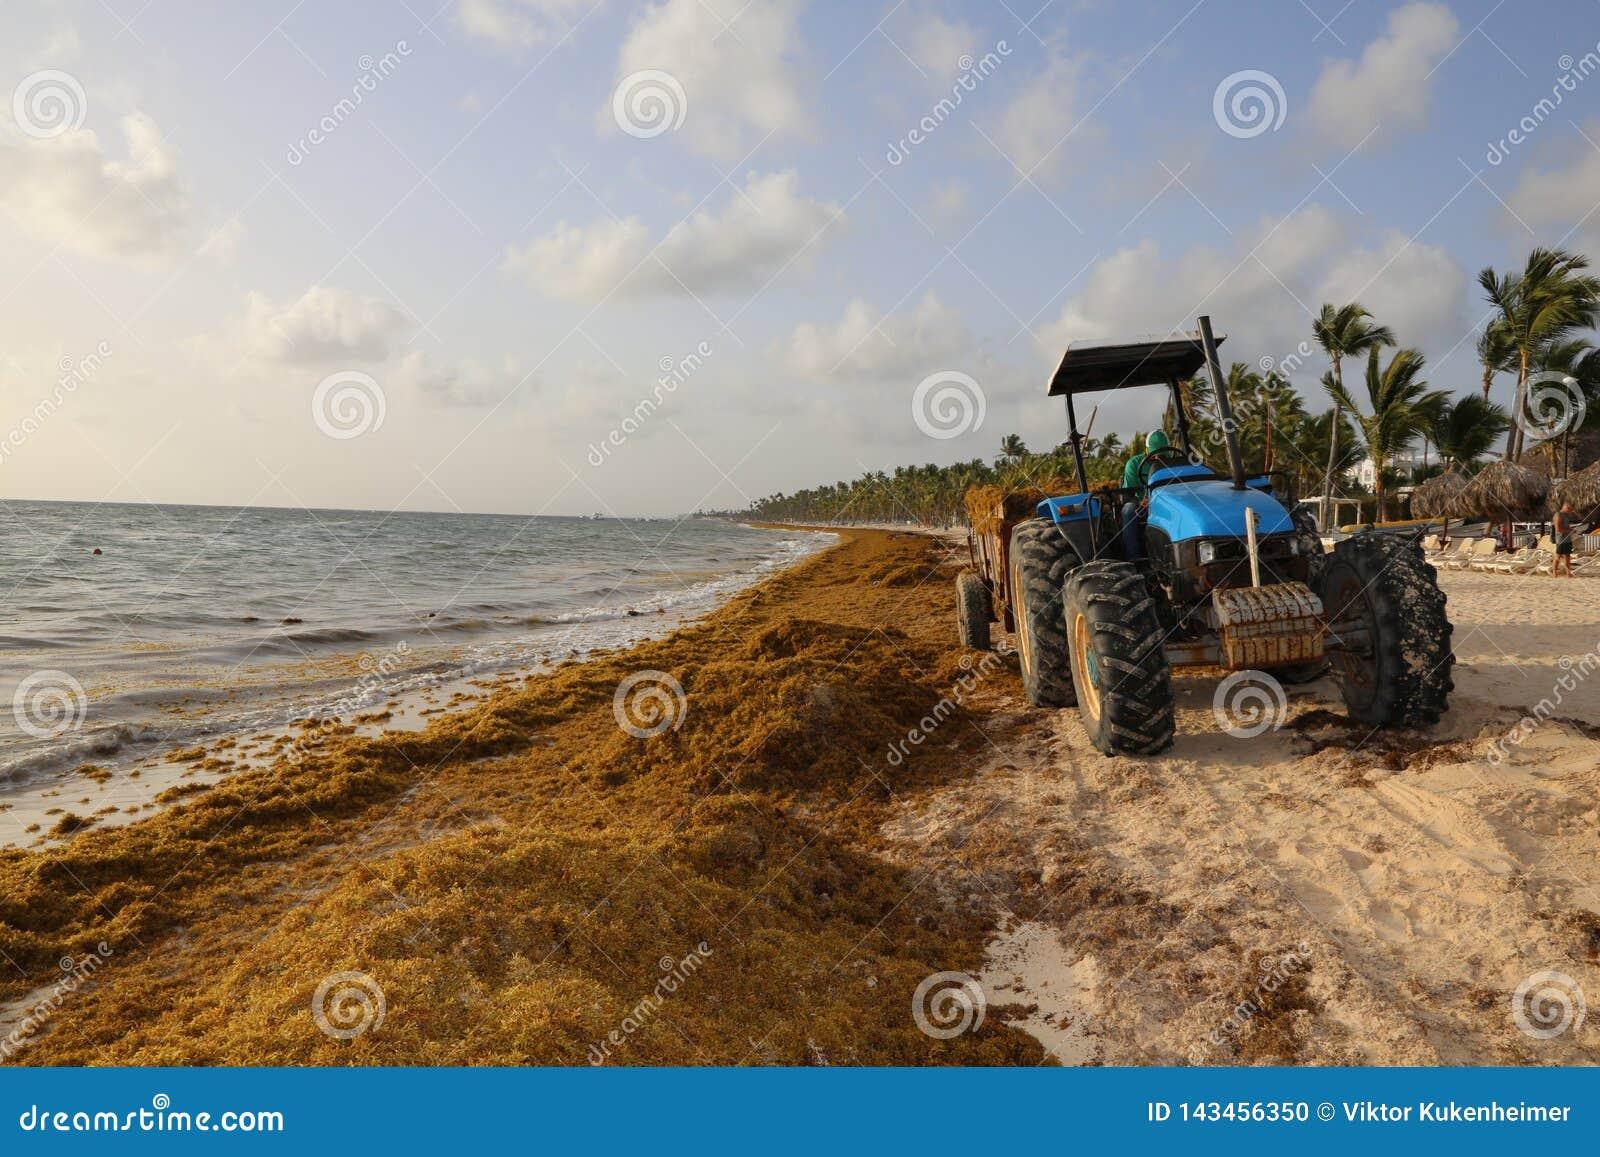 Trattore alla spiaggia nella Repubblica dominicana dei Caraibi